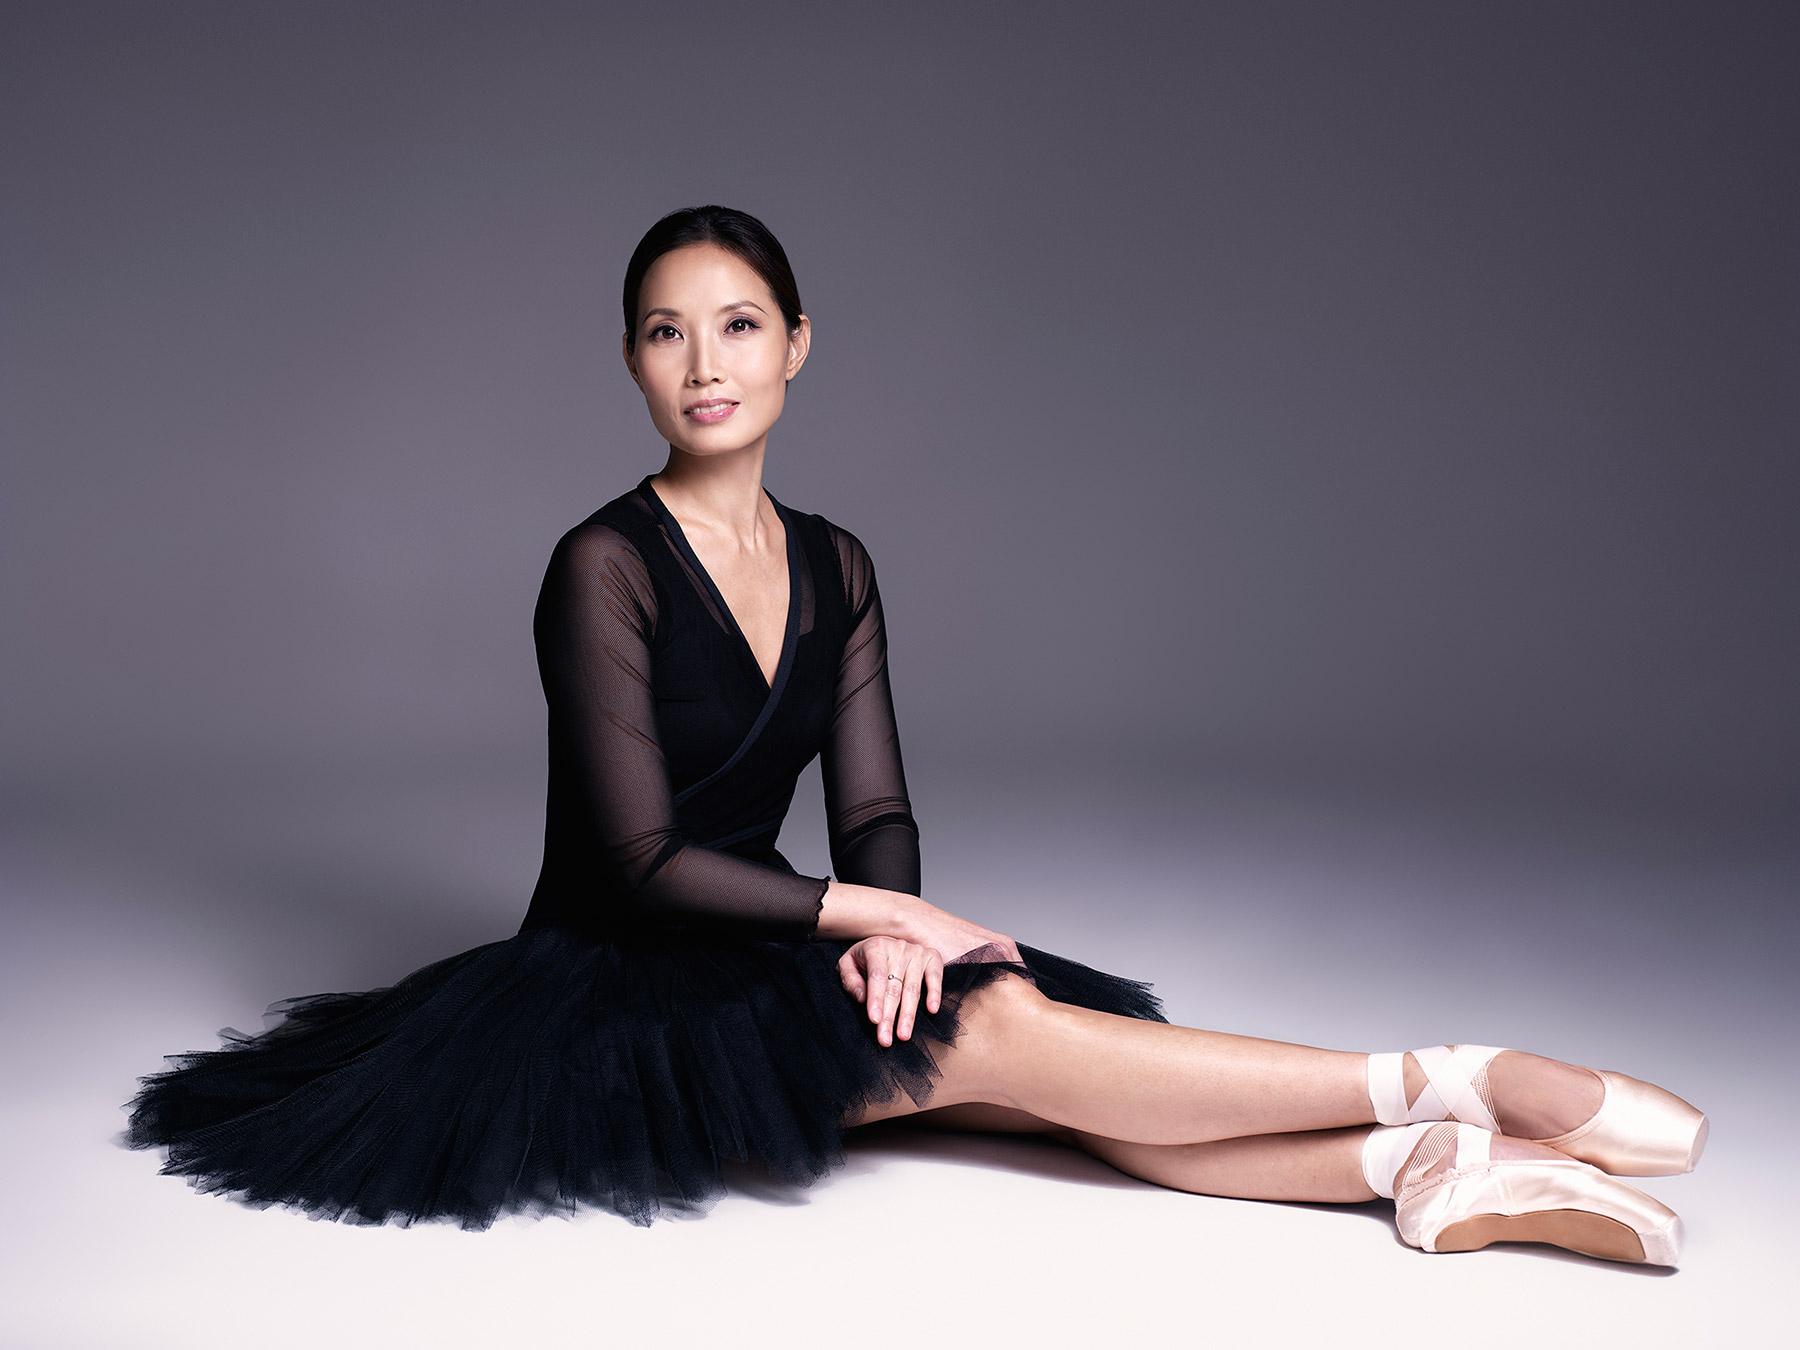 Джу Юн Бэ, балерина Большого театра. Фотограф: Александр Сакулин